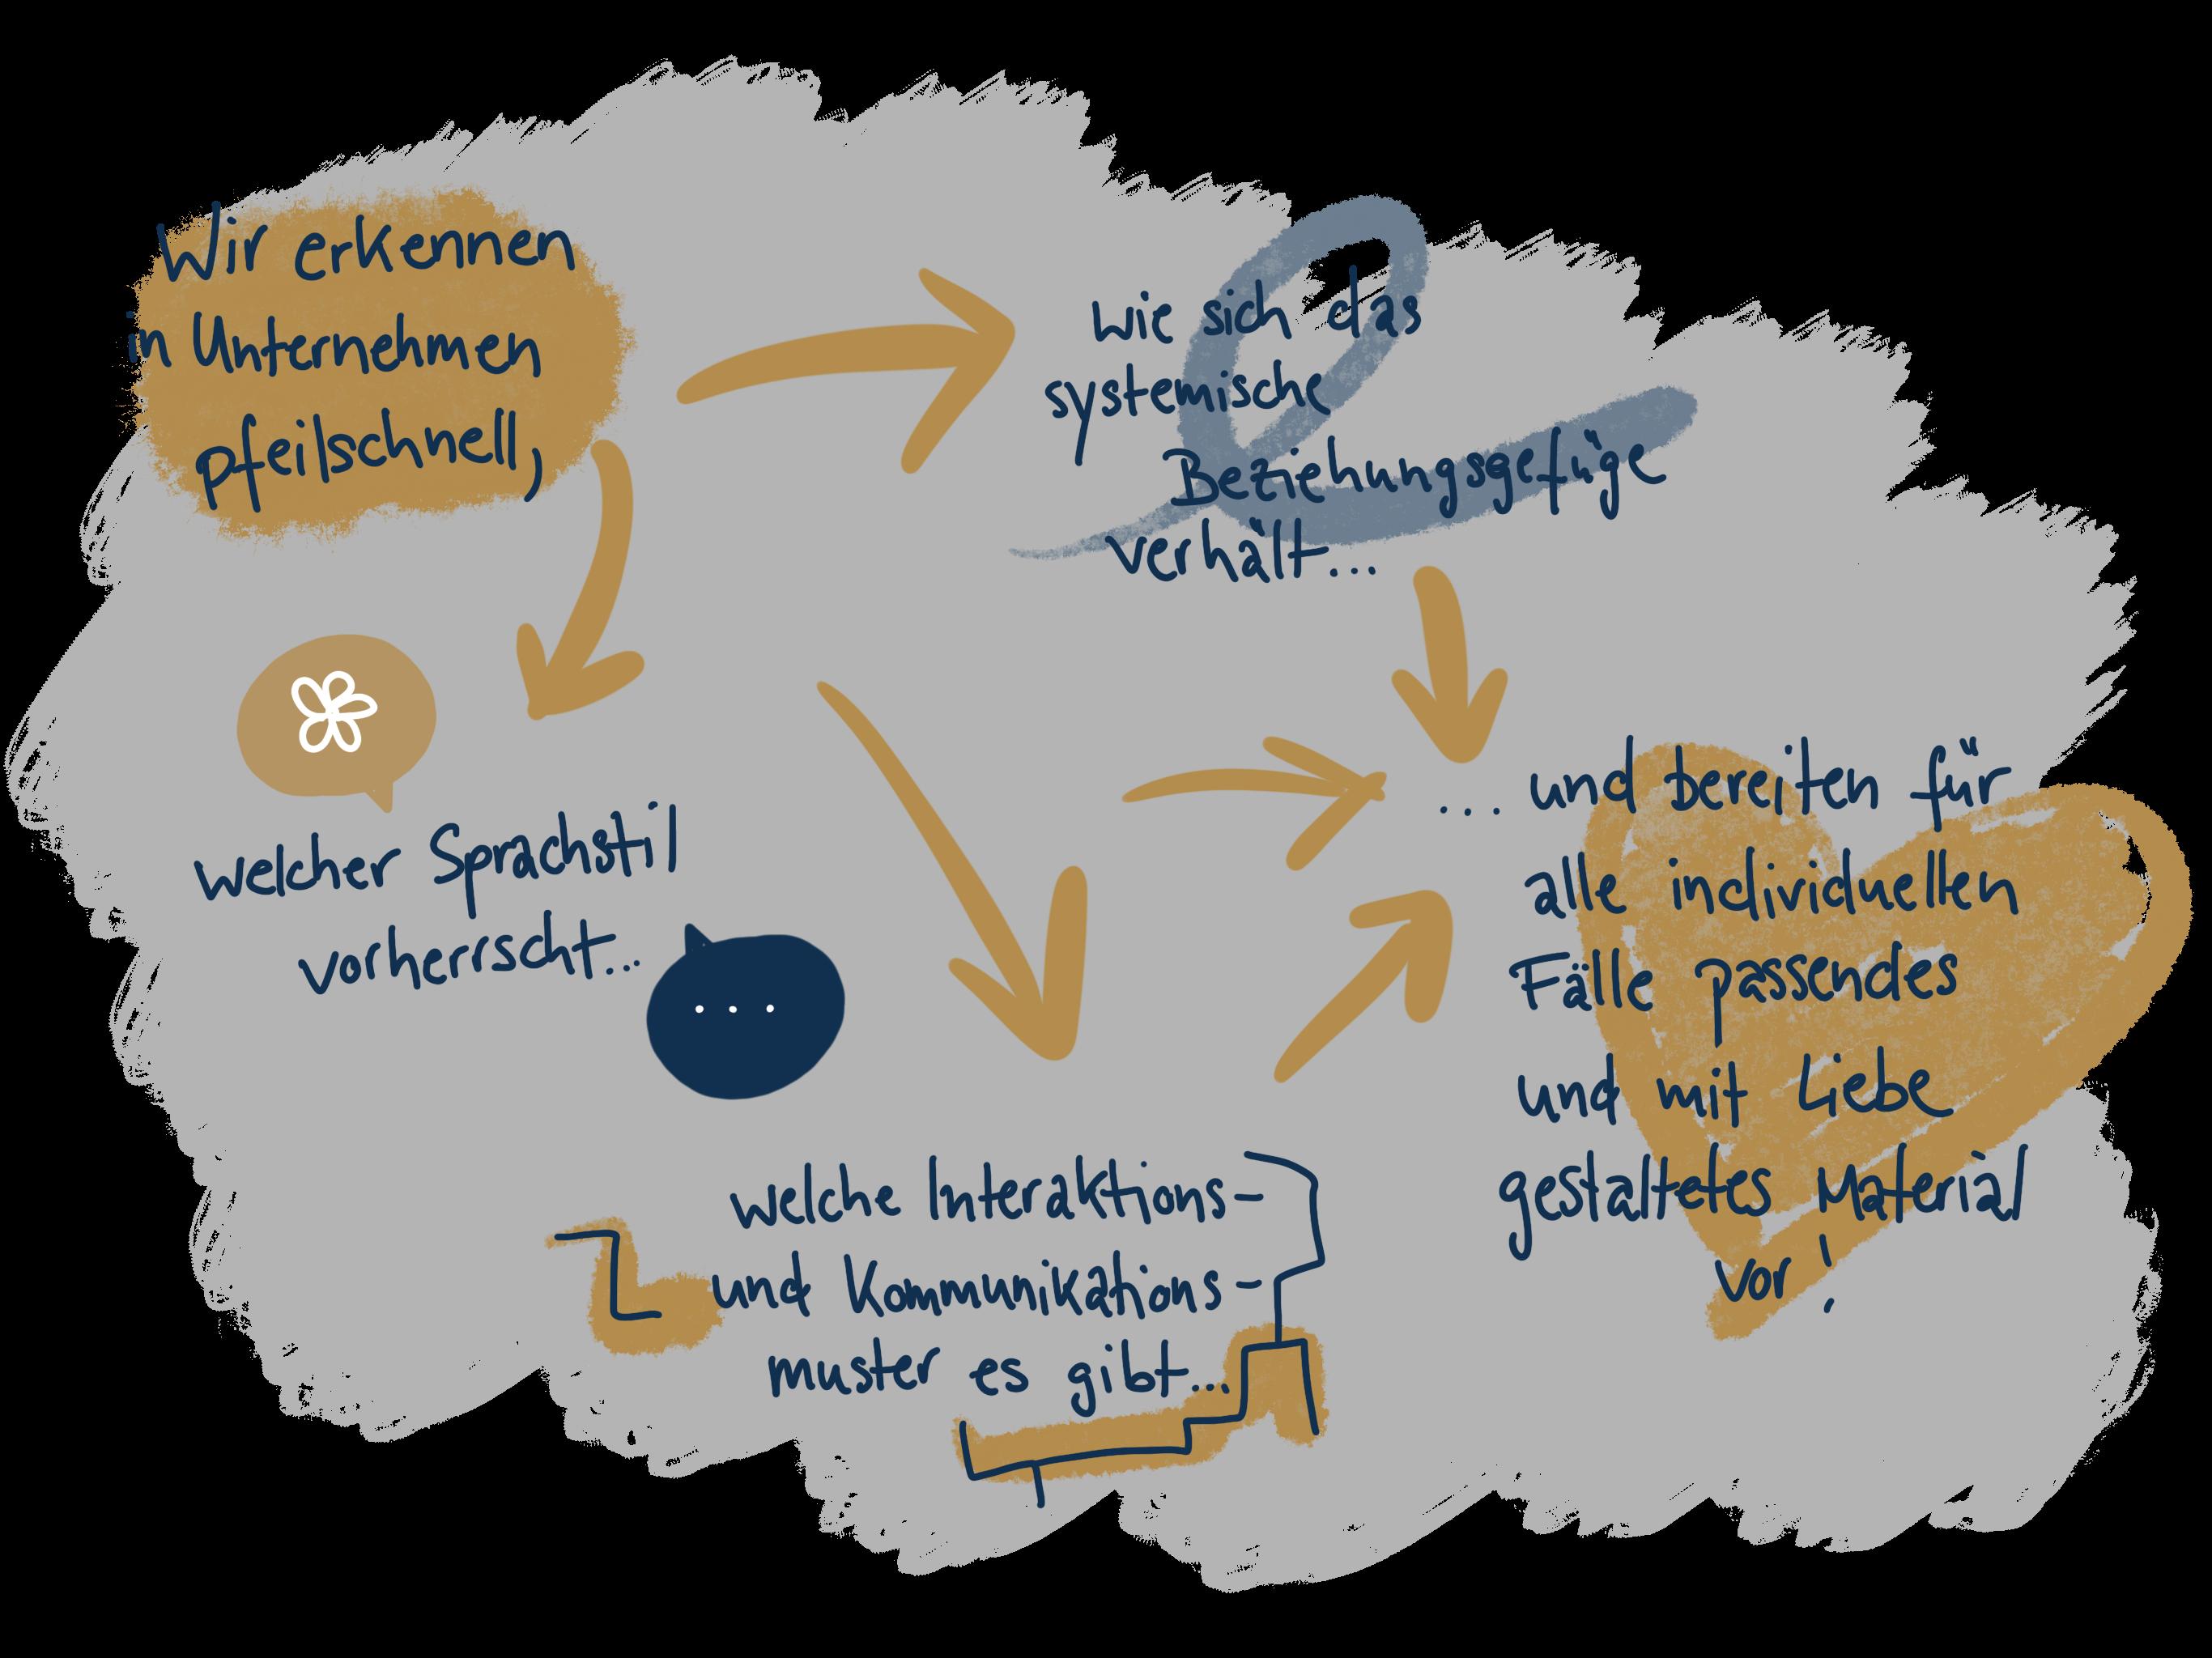 Sprachstil, Beziehungsgefüge, Interaktions- und Kommunikationsmuster - das berücksichtigt Andy Duke um individuelle Beratungslösungen für Sie zu finden